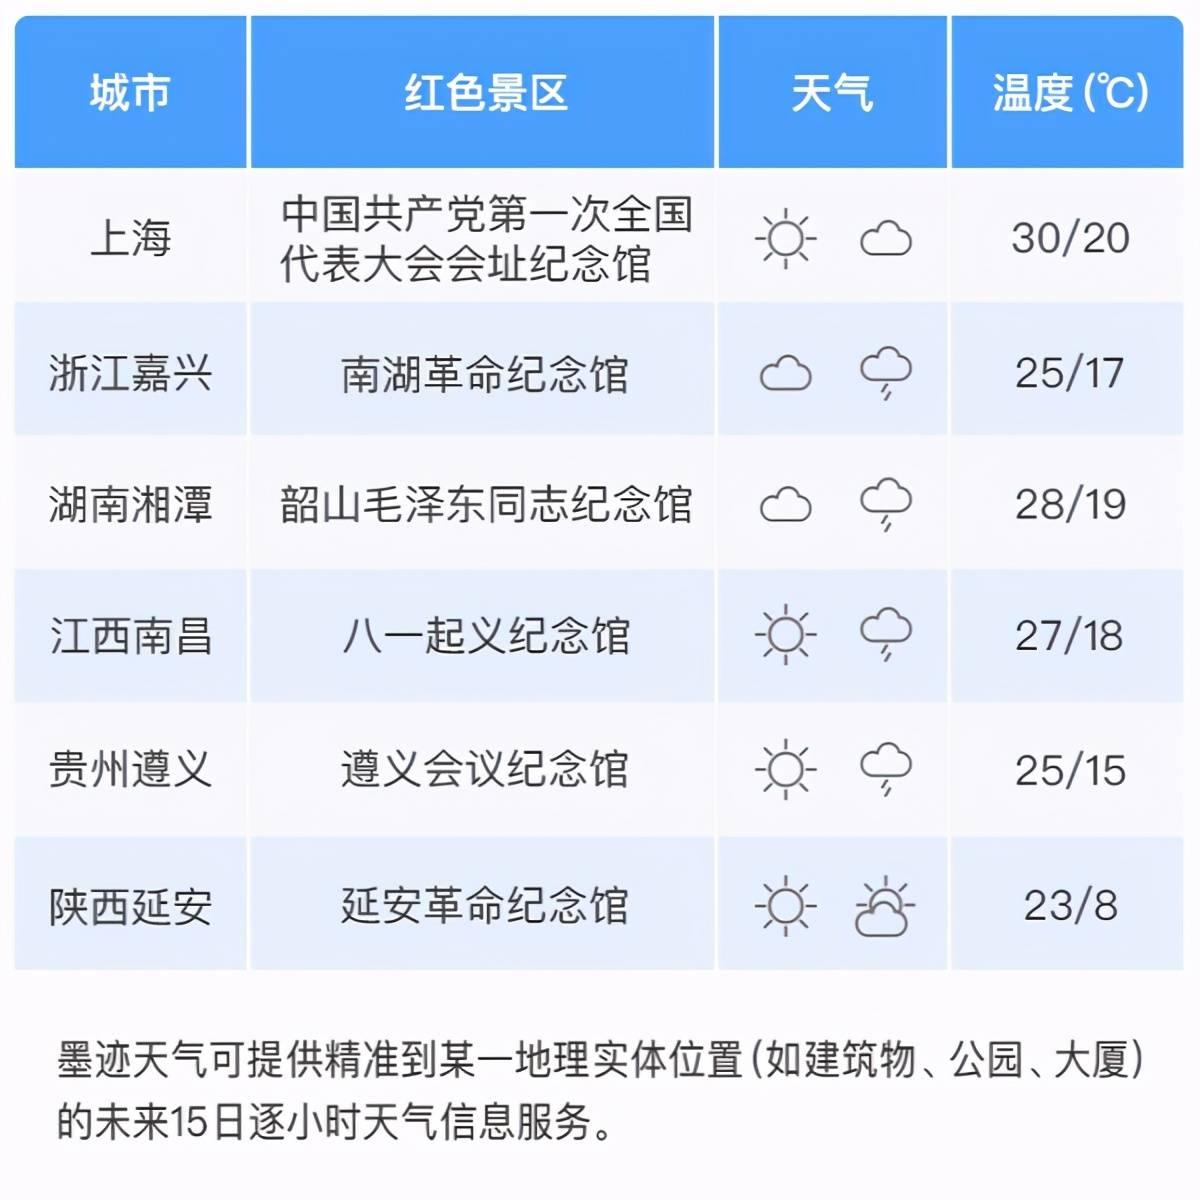 墨迹天气联合央视频发布《五一出行天气指南》